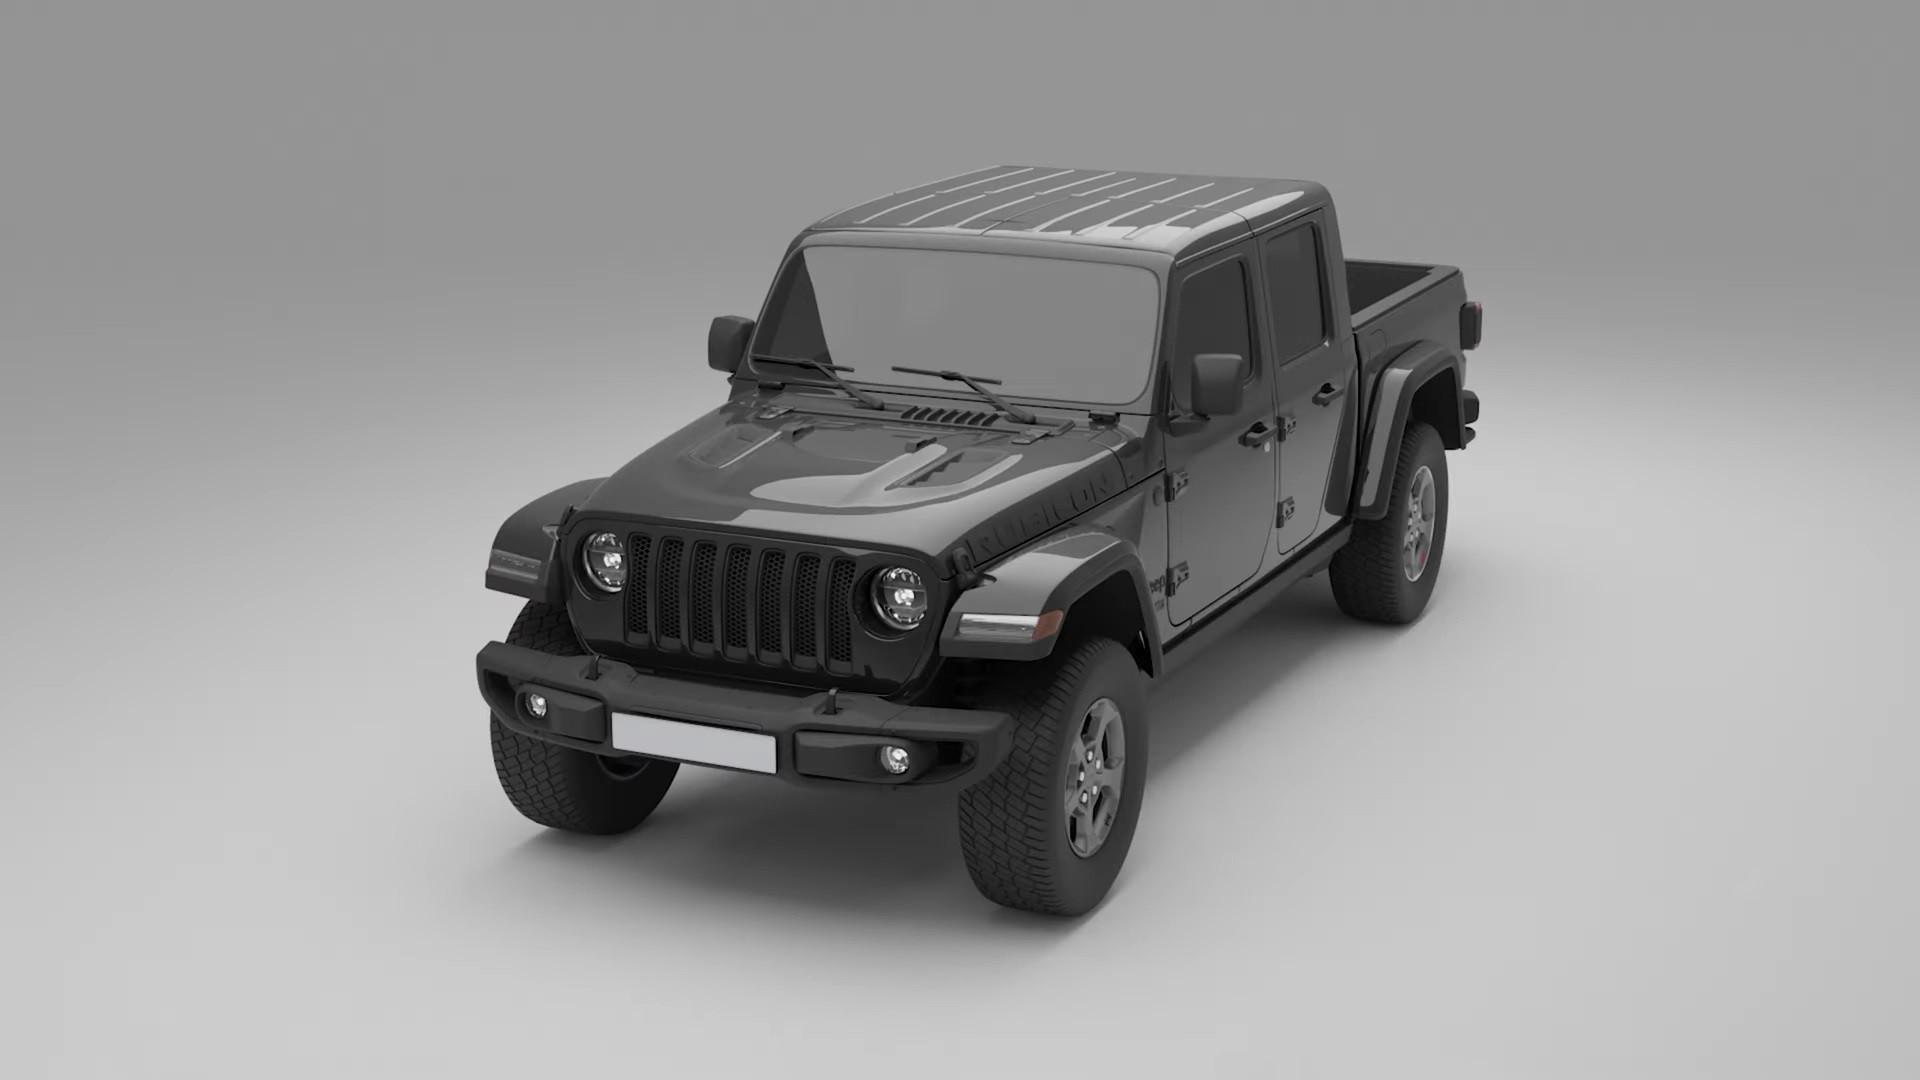 Jeep_Gladiator_Rubicon_by_Prior_Design-0000